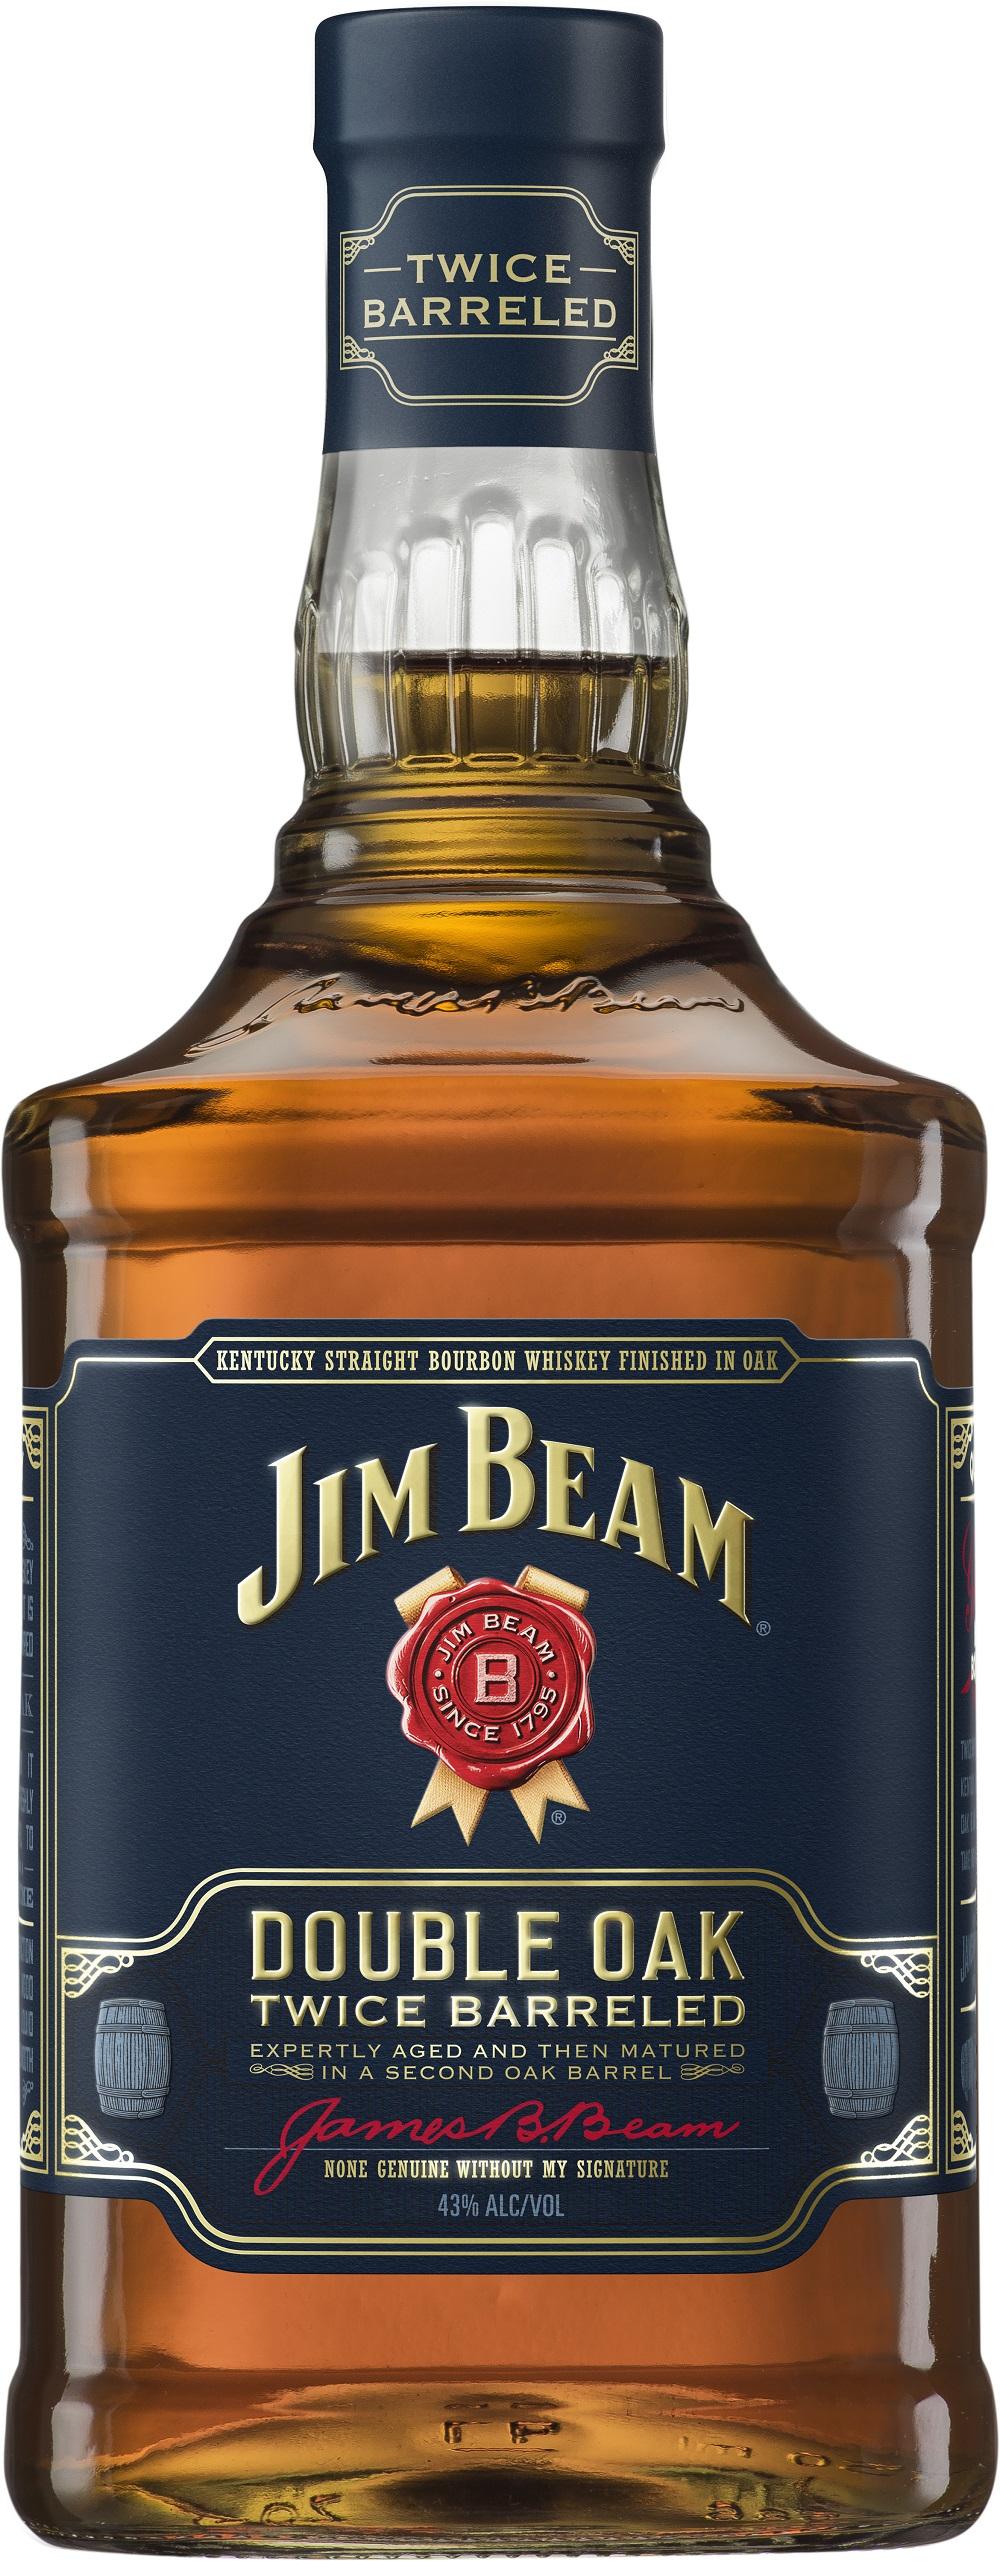 Jim Beam Double Oak Twice Barreled Bourbon